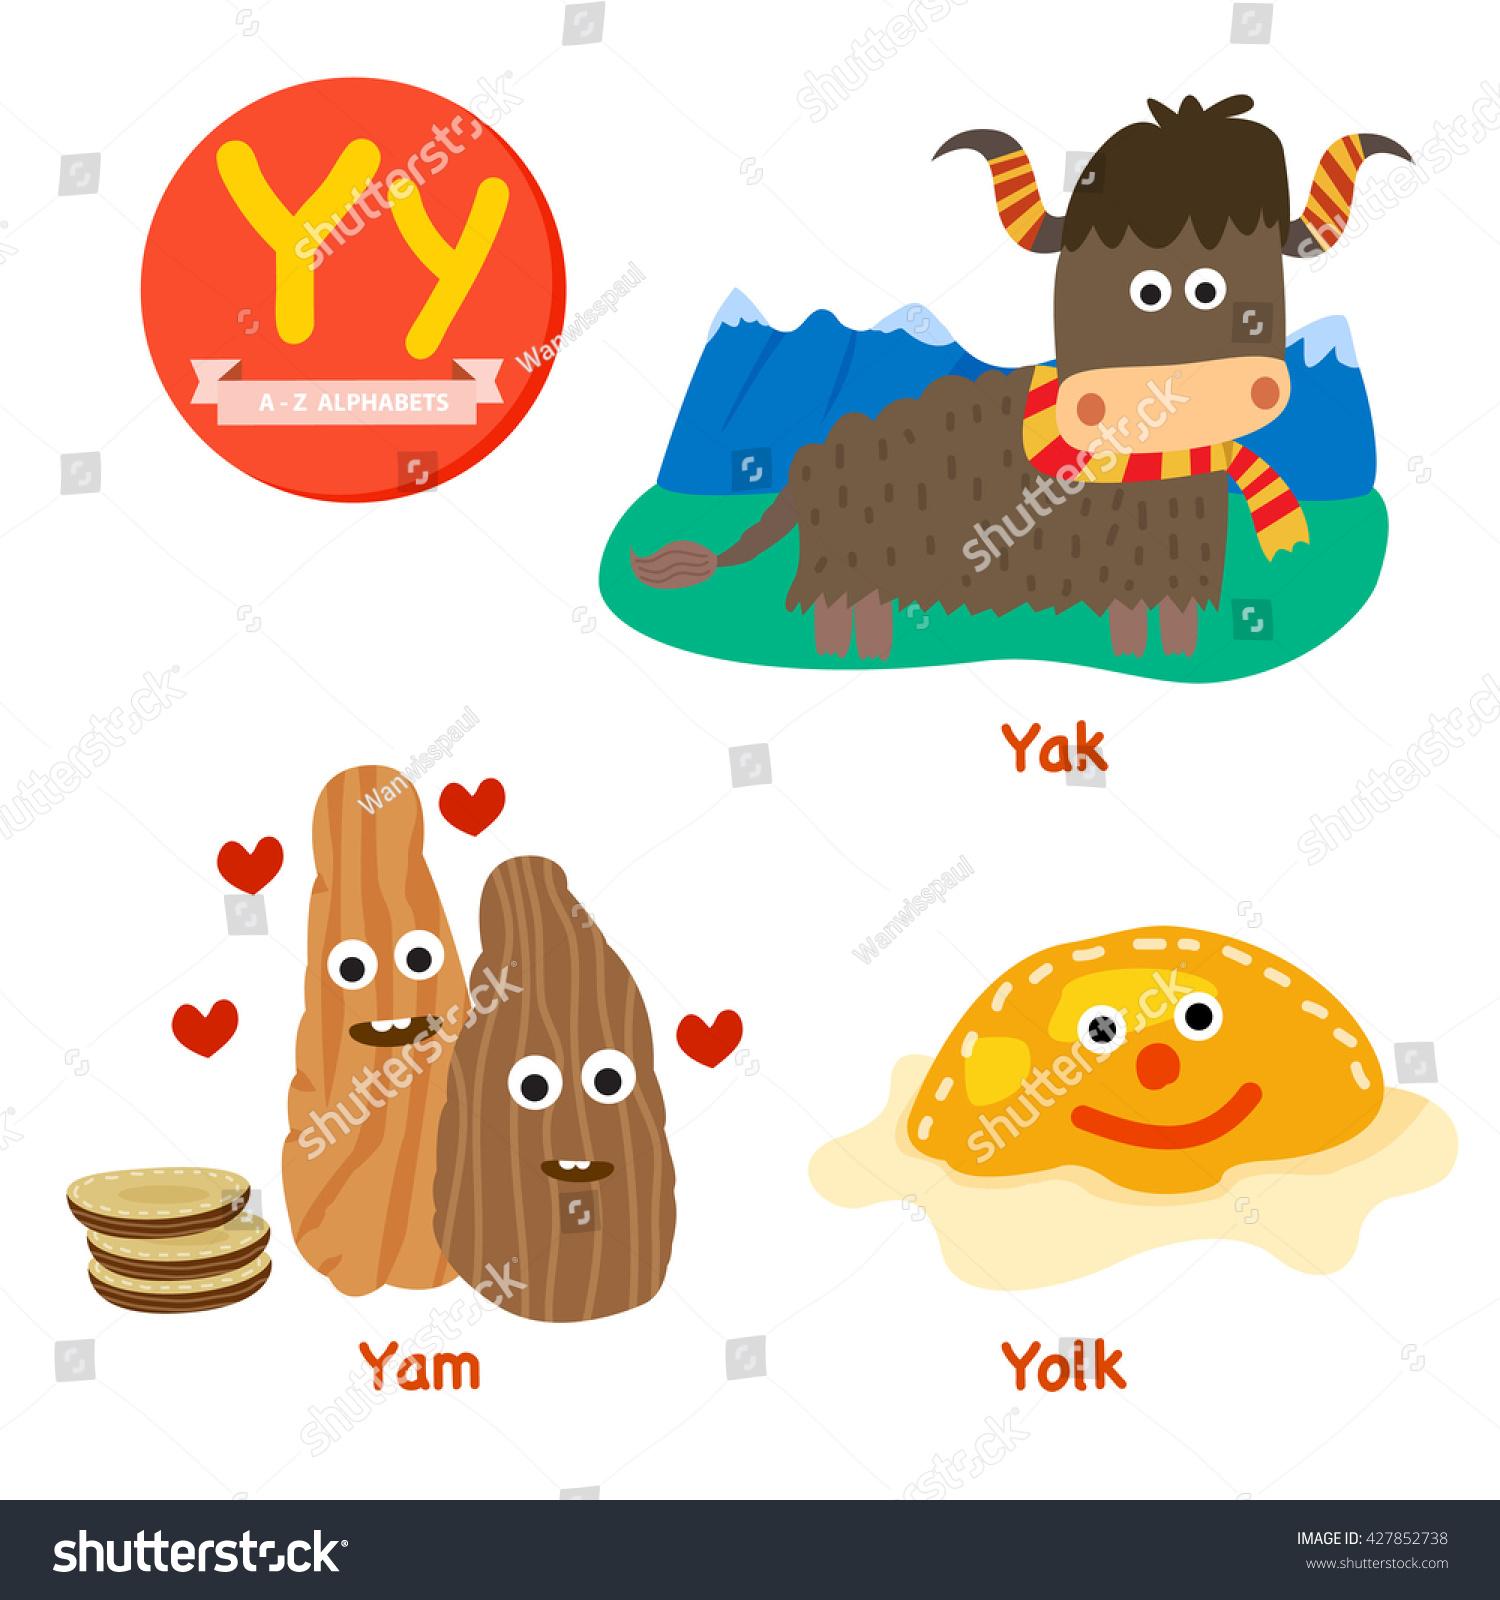 Y Vocabulary Cartoon Set With Yak Yam And Yolk Isolated On White Background Illustration